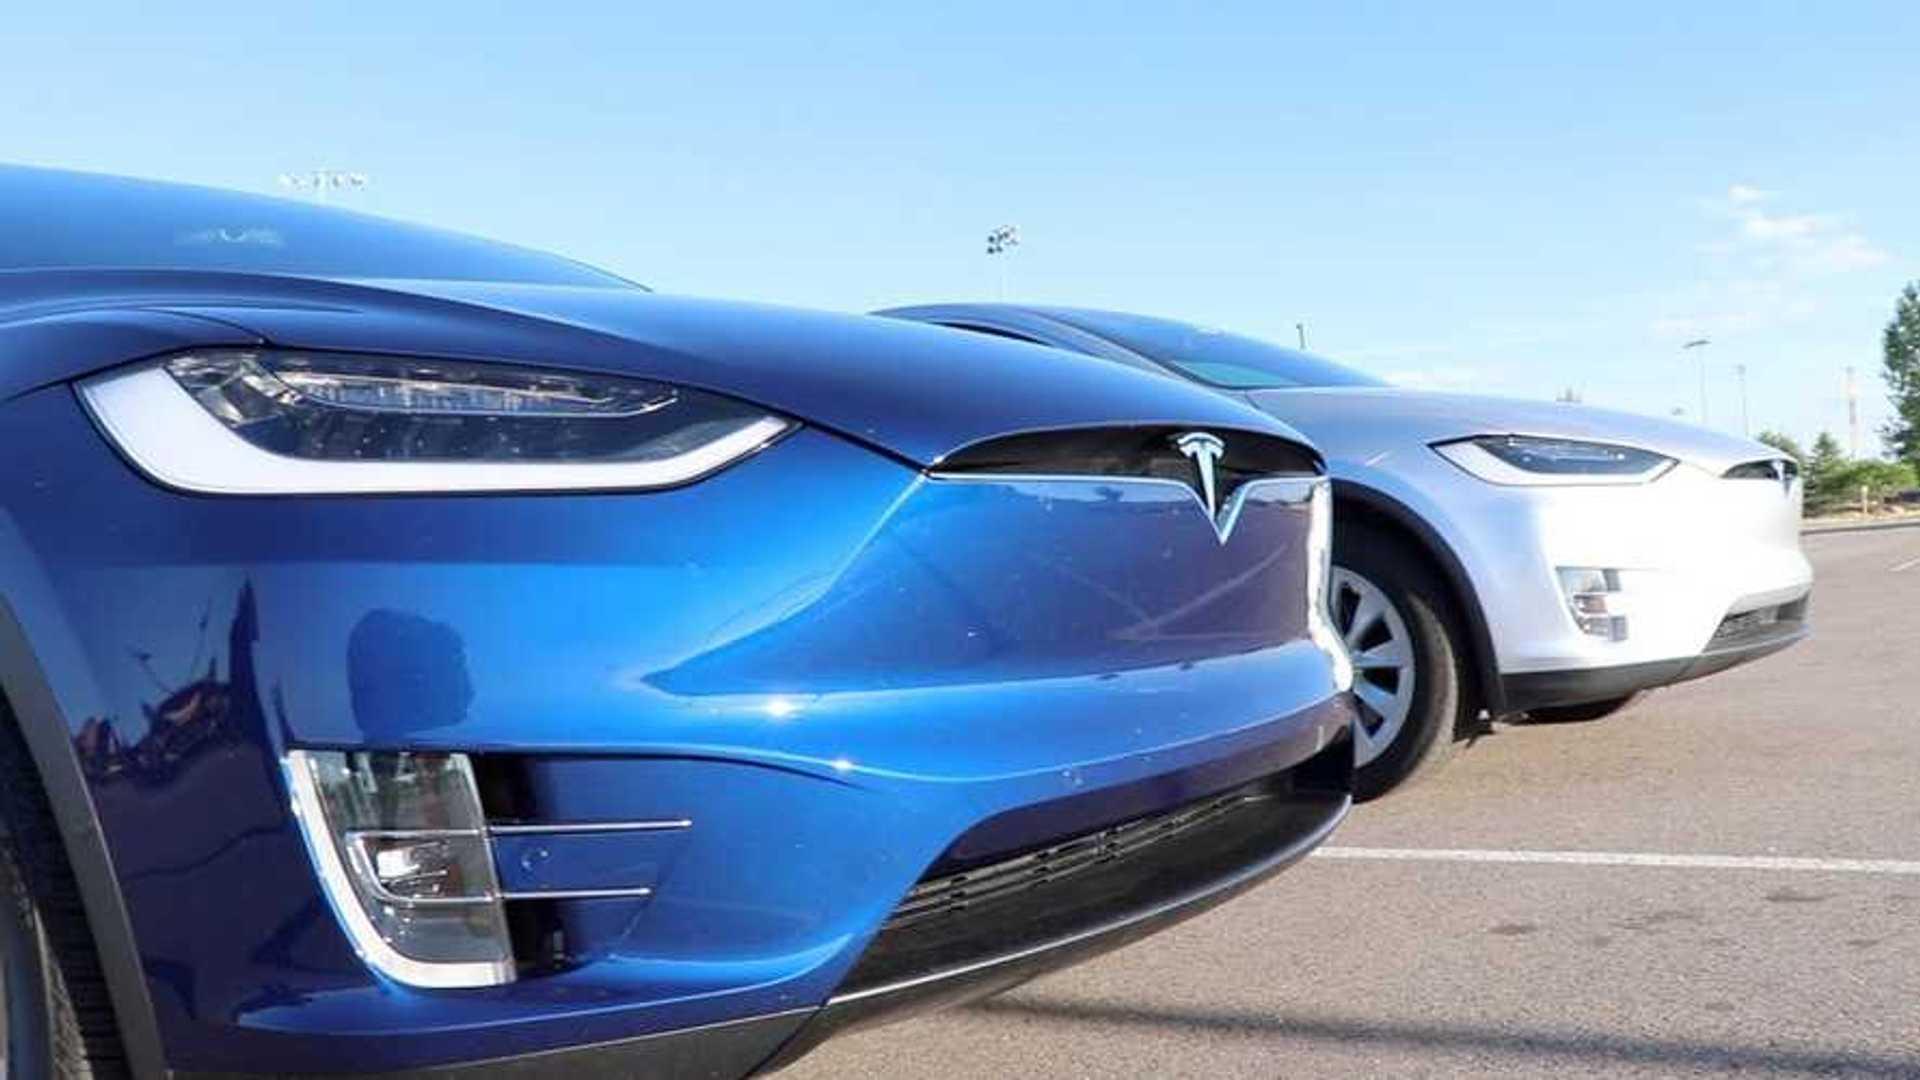 Tesla Model X Raven Vs Used Model X: Side-By-Side Video Comparison